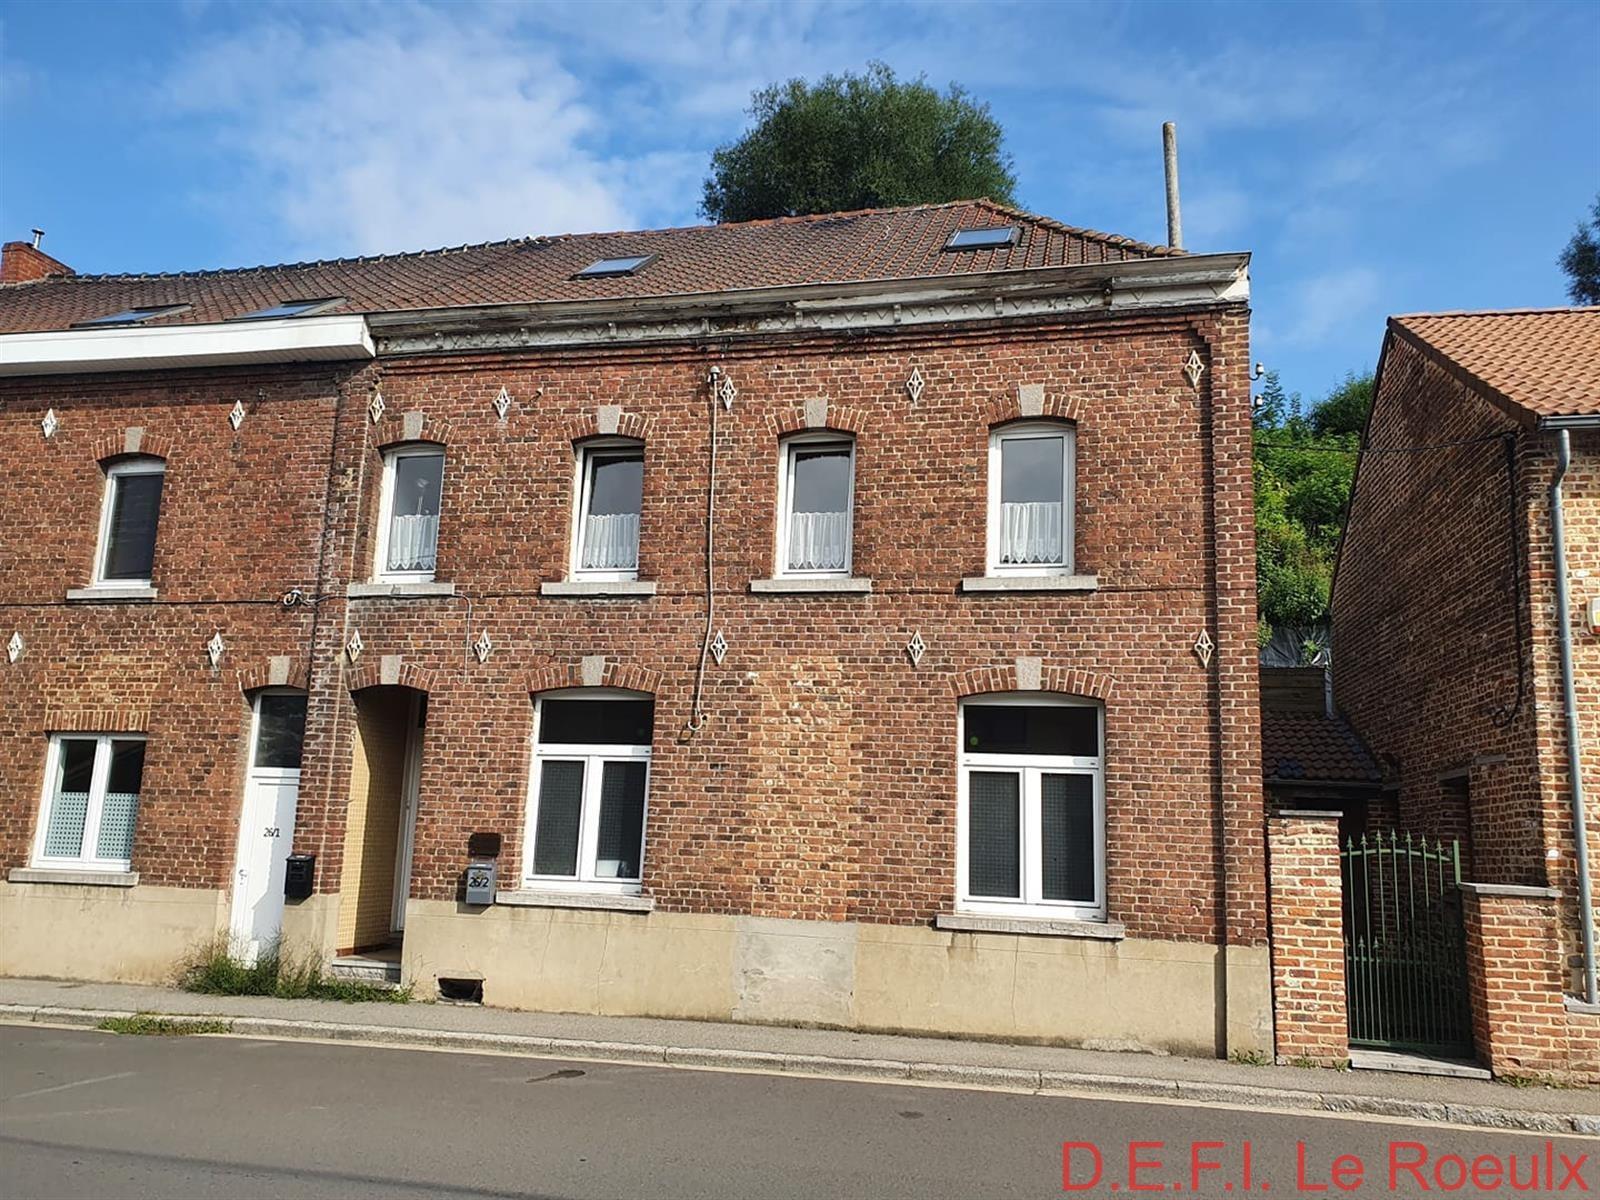 Maison - Le Roeulx - #4444515-0